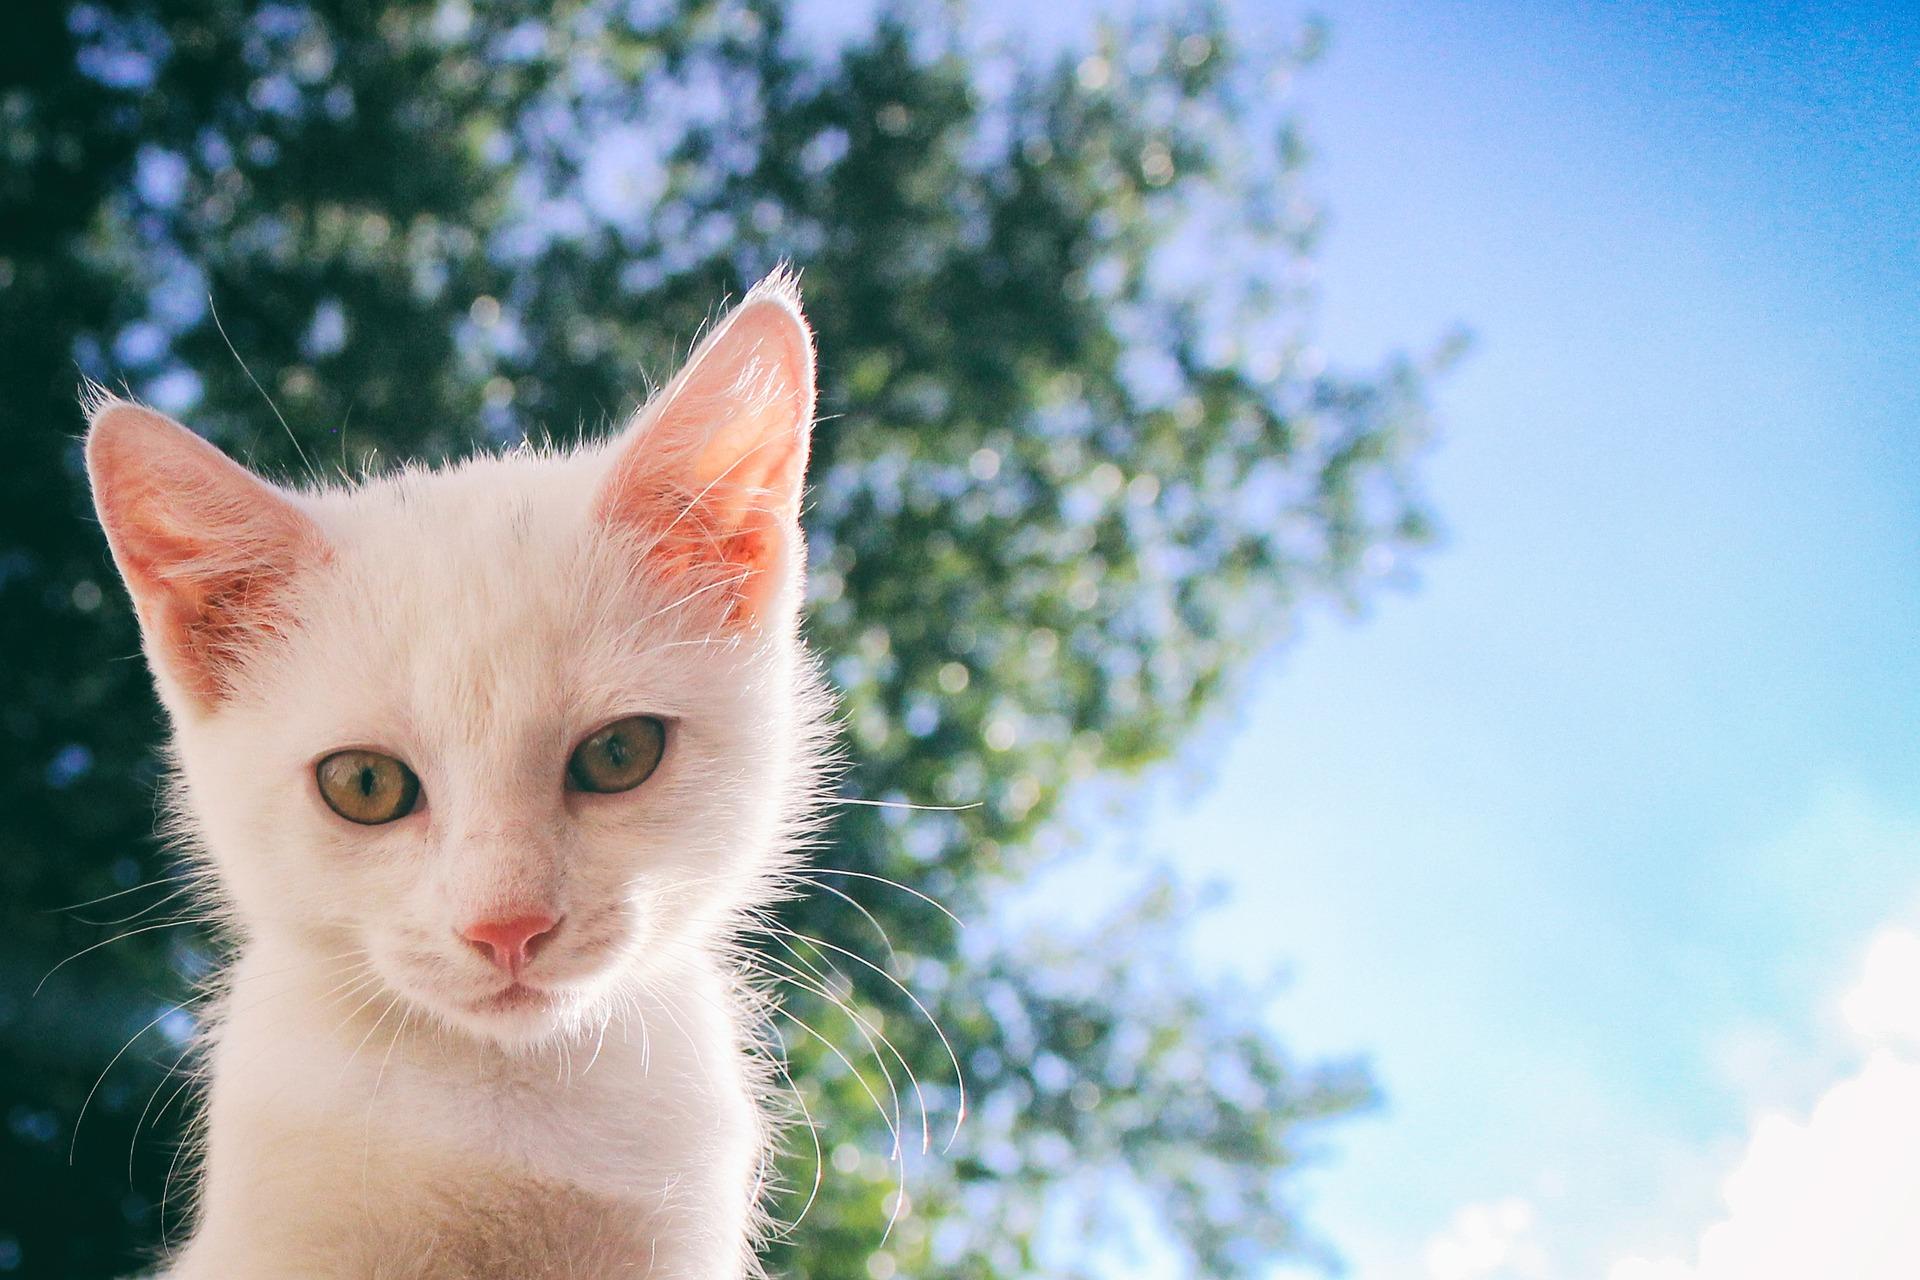 cat-2858293_1920